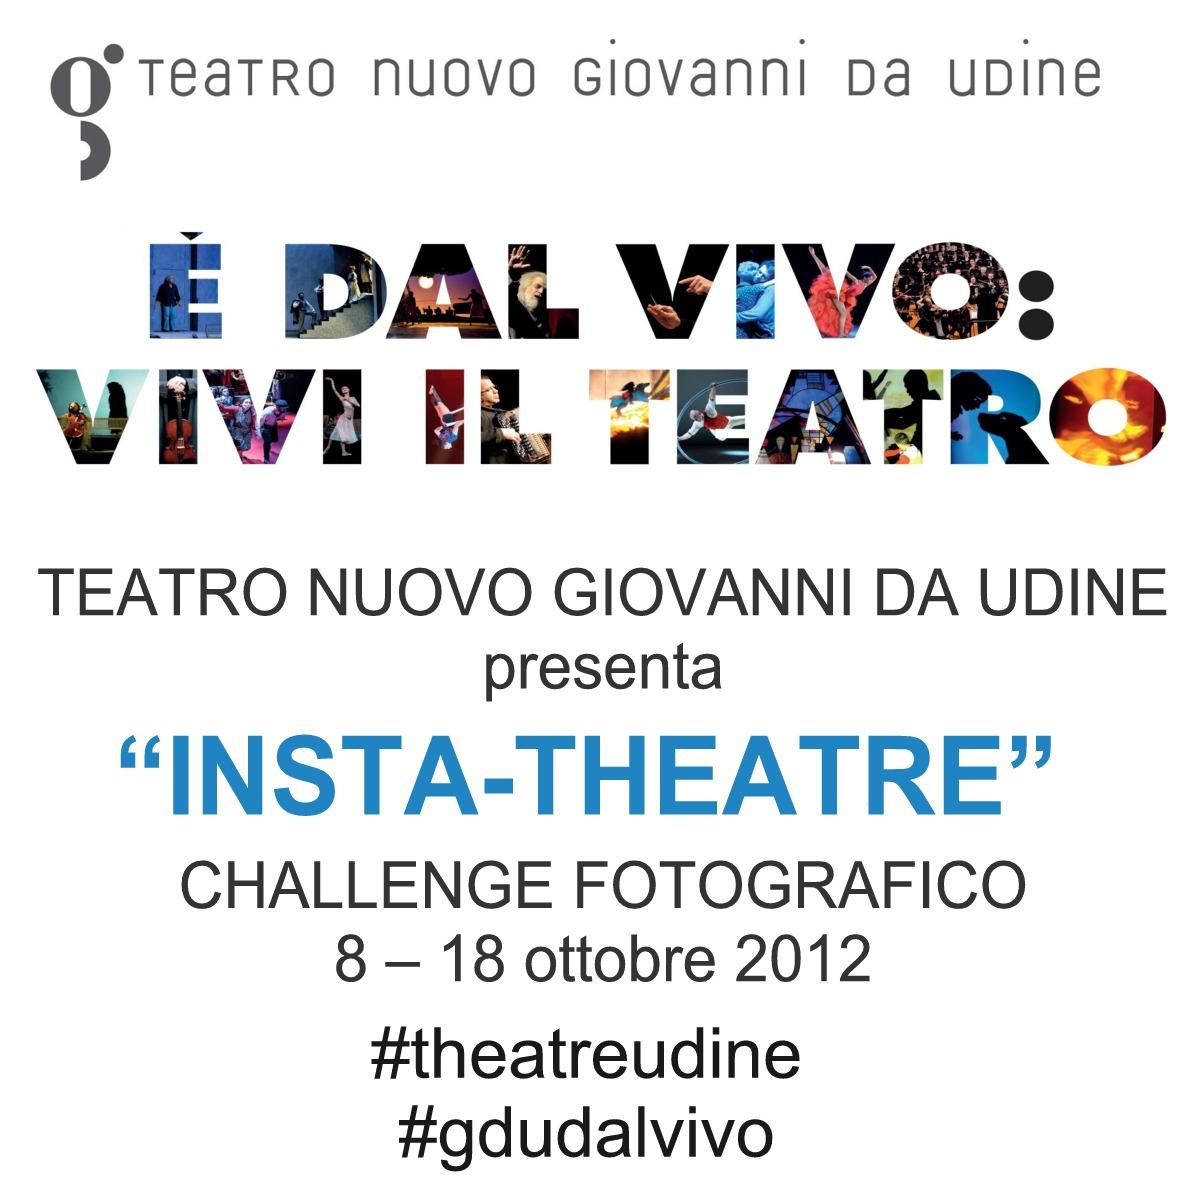 """Challenge fotografico """"Insta-Theatre"""""""